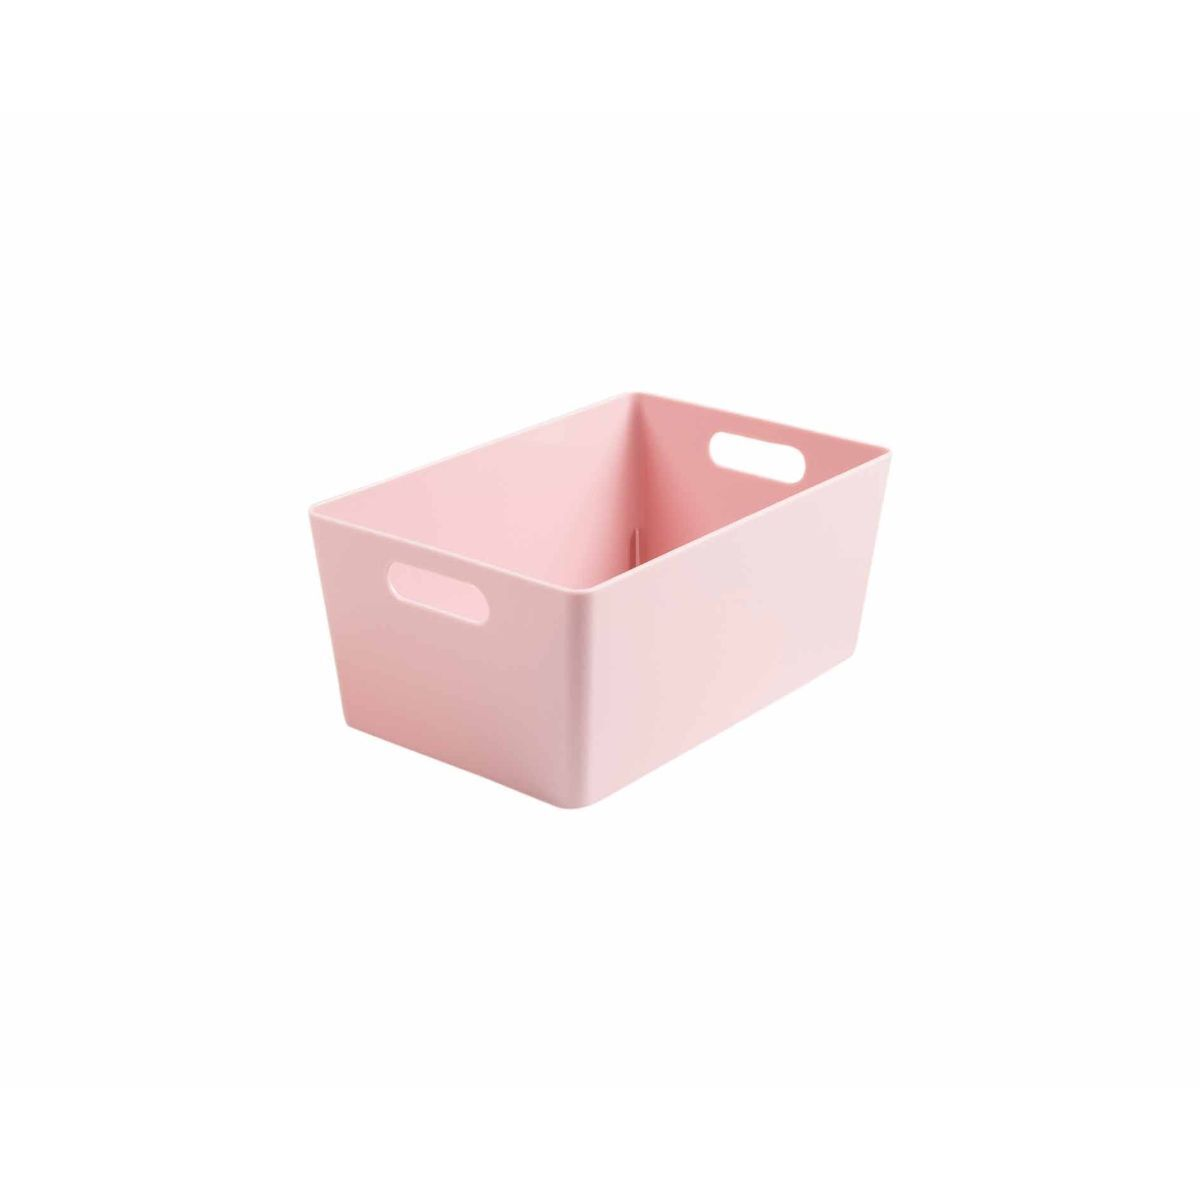 Wham Studio Basket 4.02 Pink